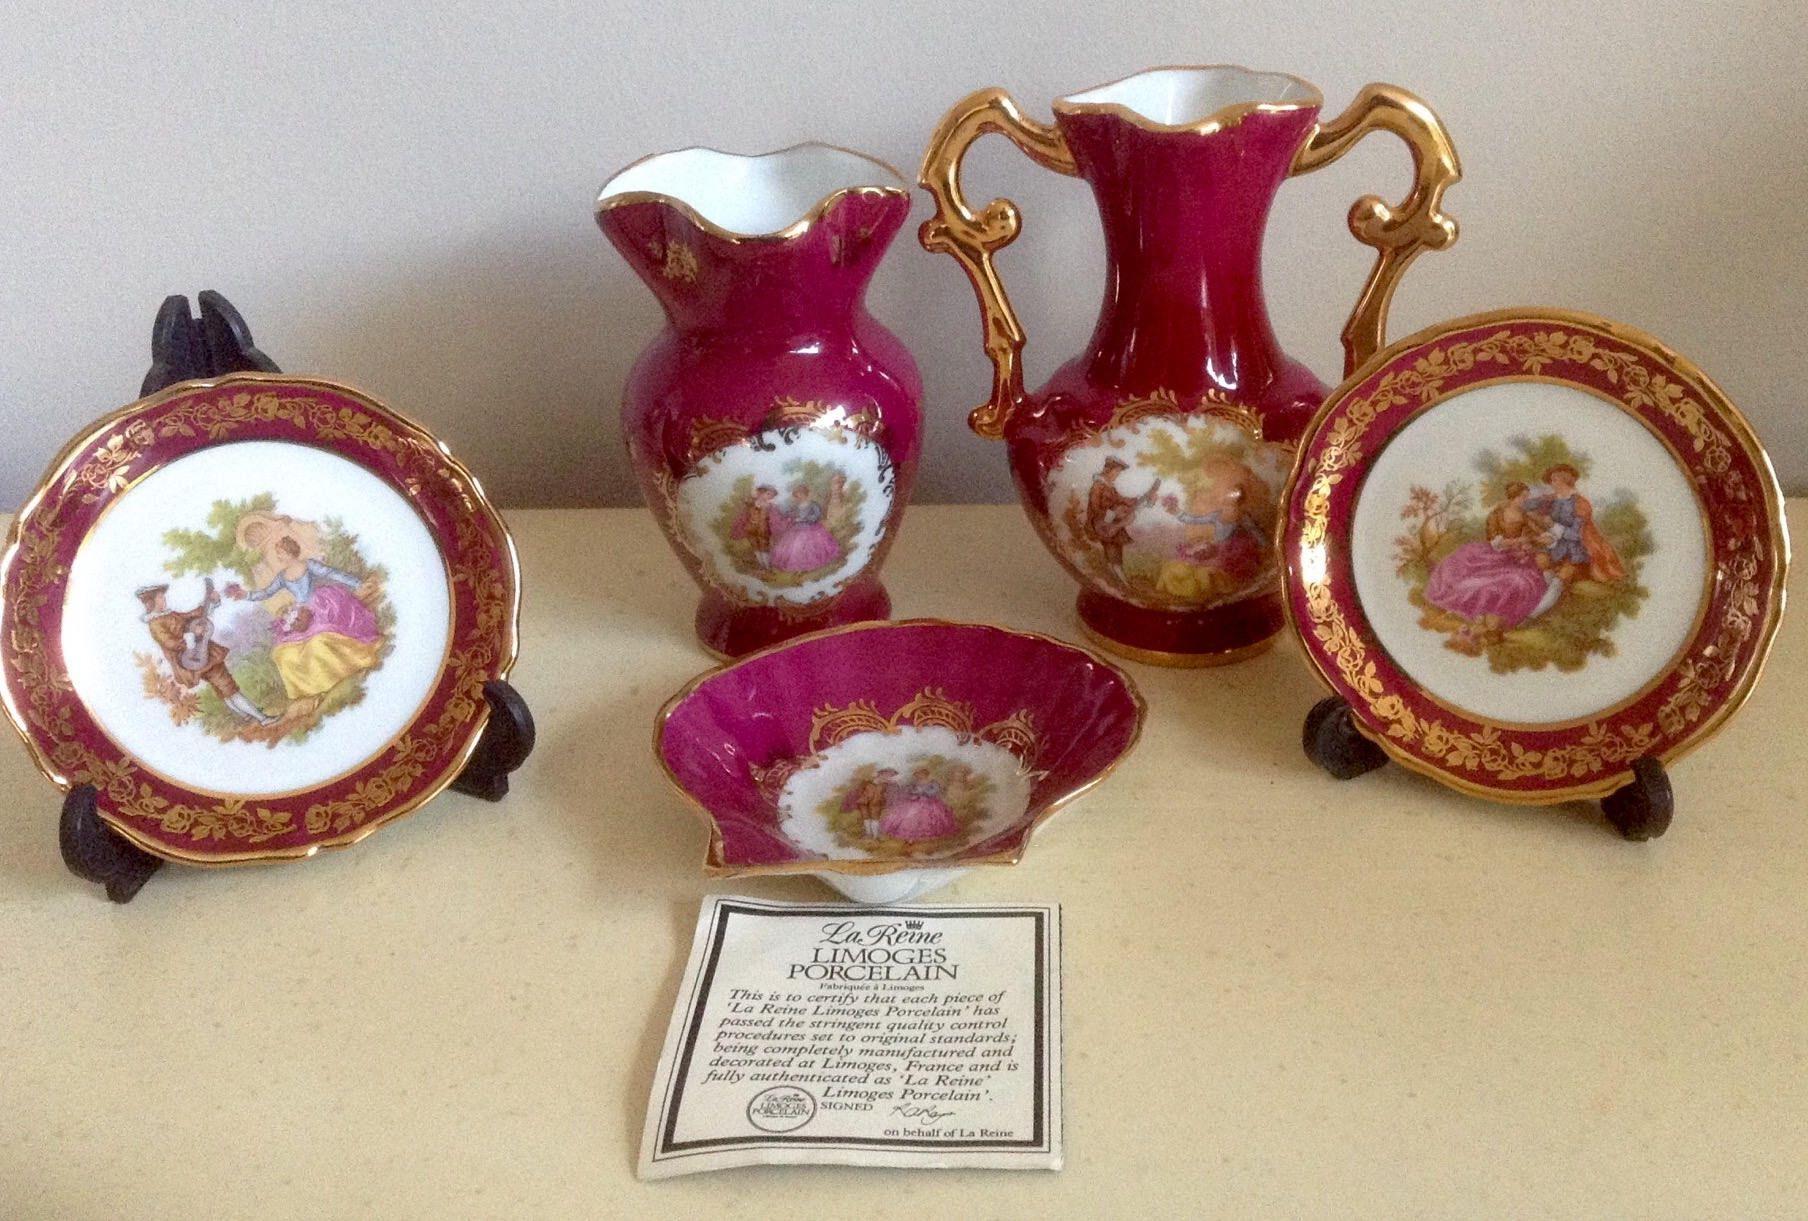 VINTAGE Miniature vase for showcase Limoges porcelain